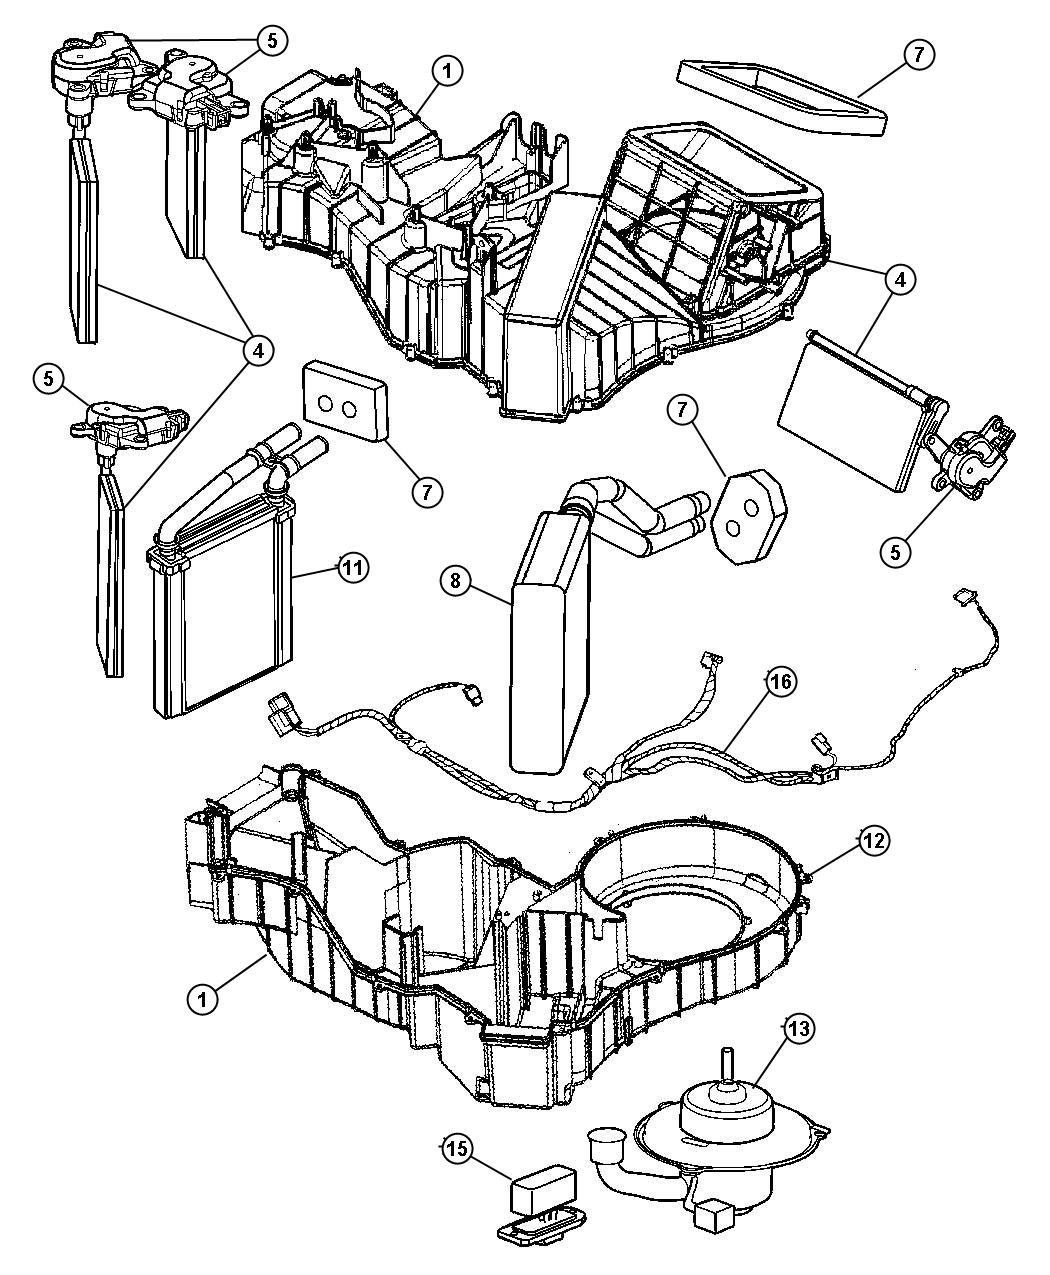 Dodge Viper Evaporator Air Conditioning